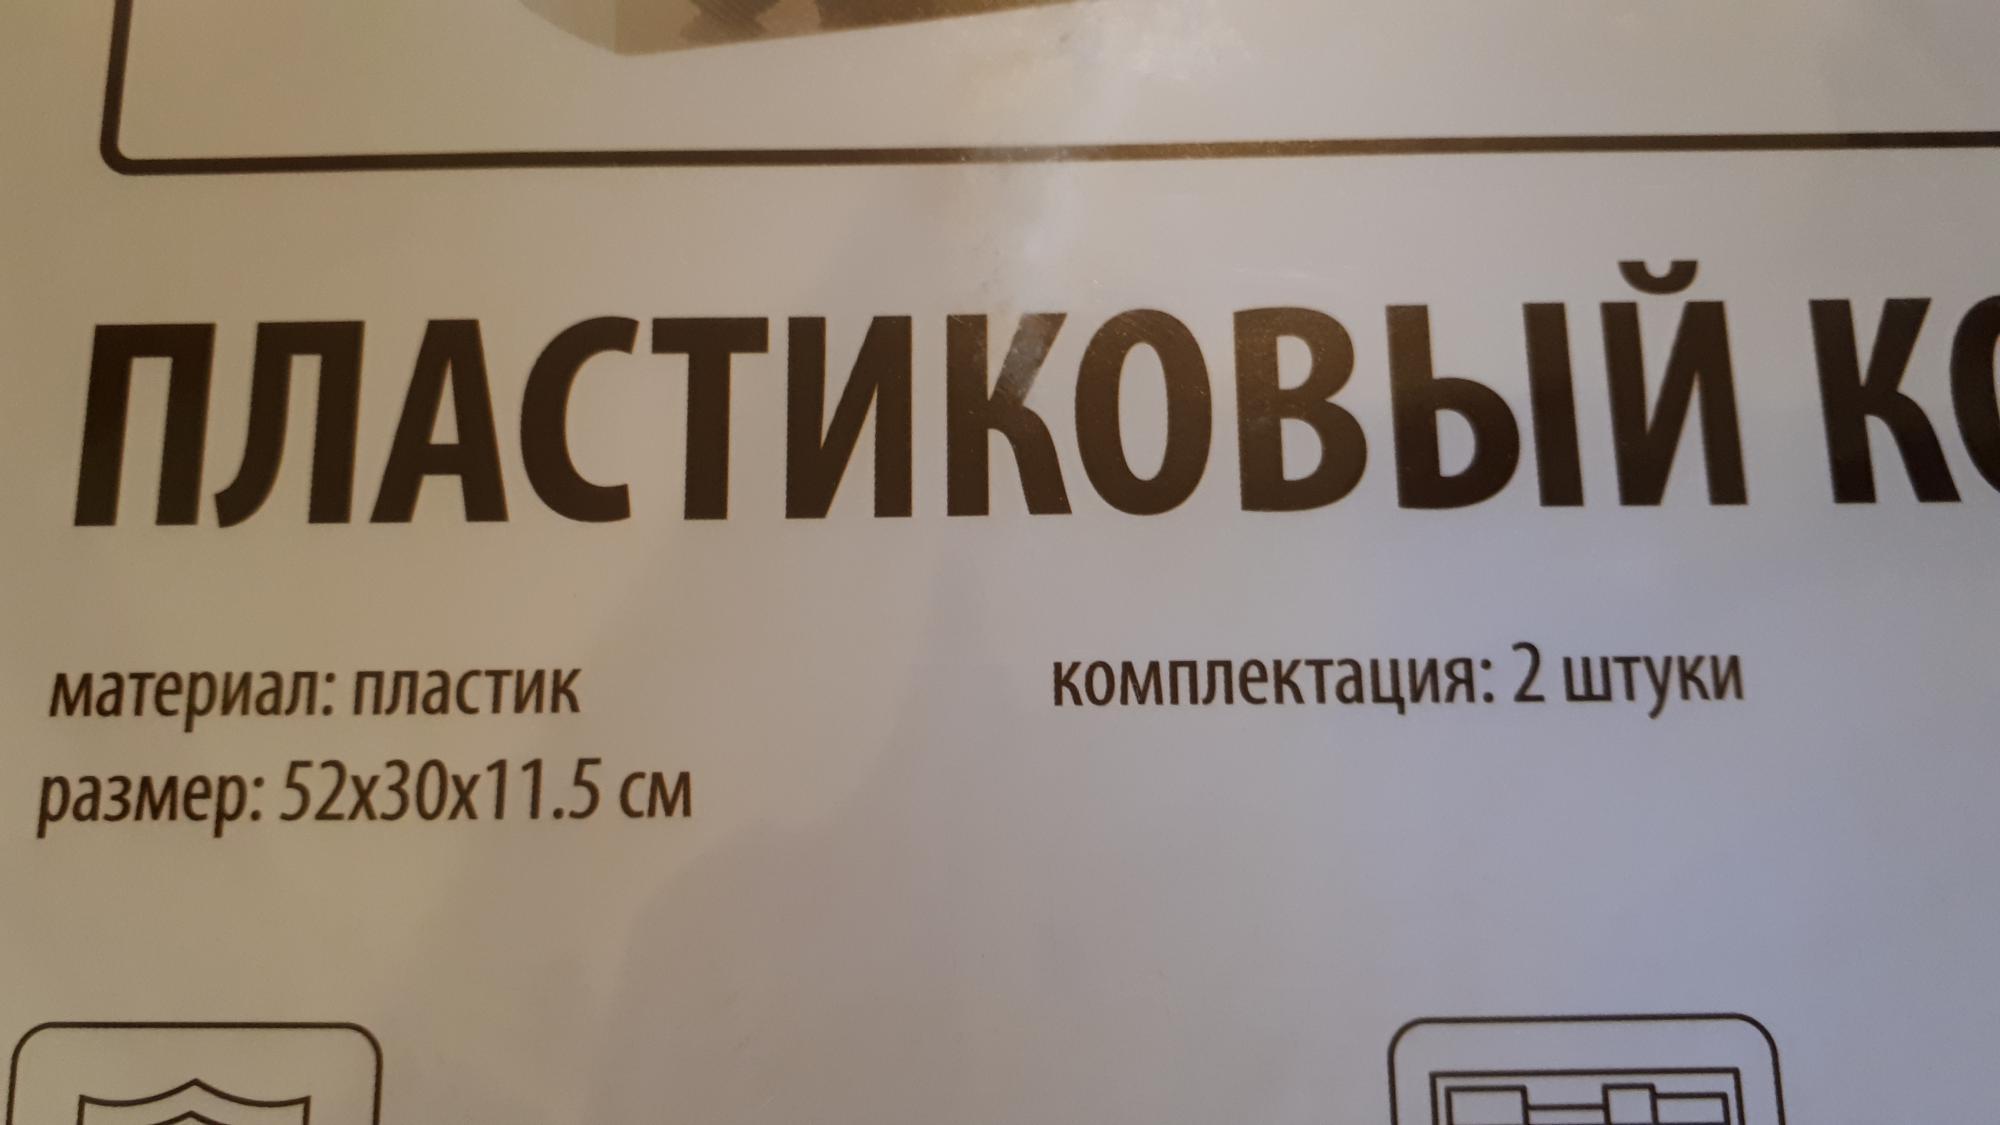 Короб для обуви, органайзер пластиковый в Красногорске 89165671612 купить 3